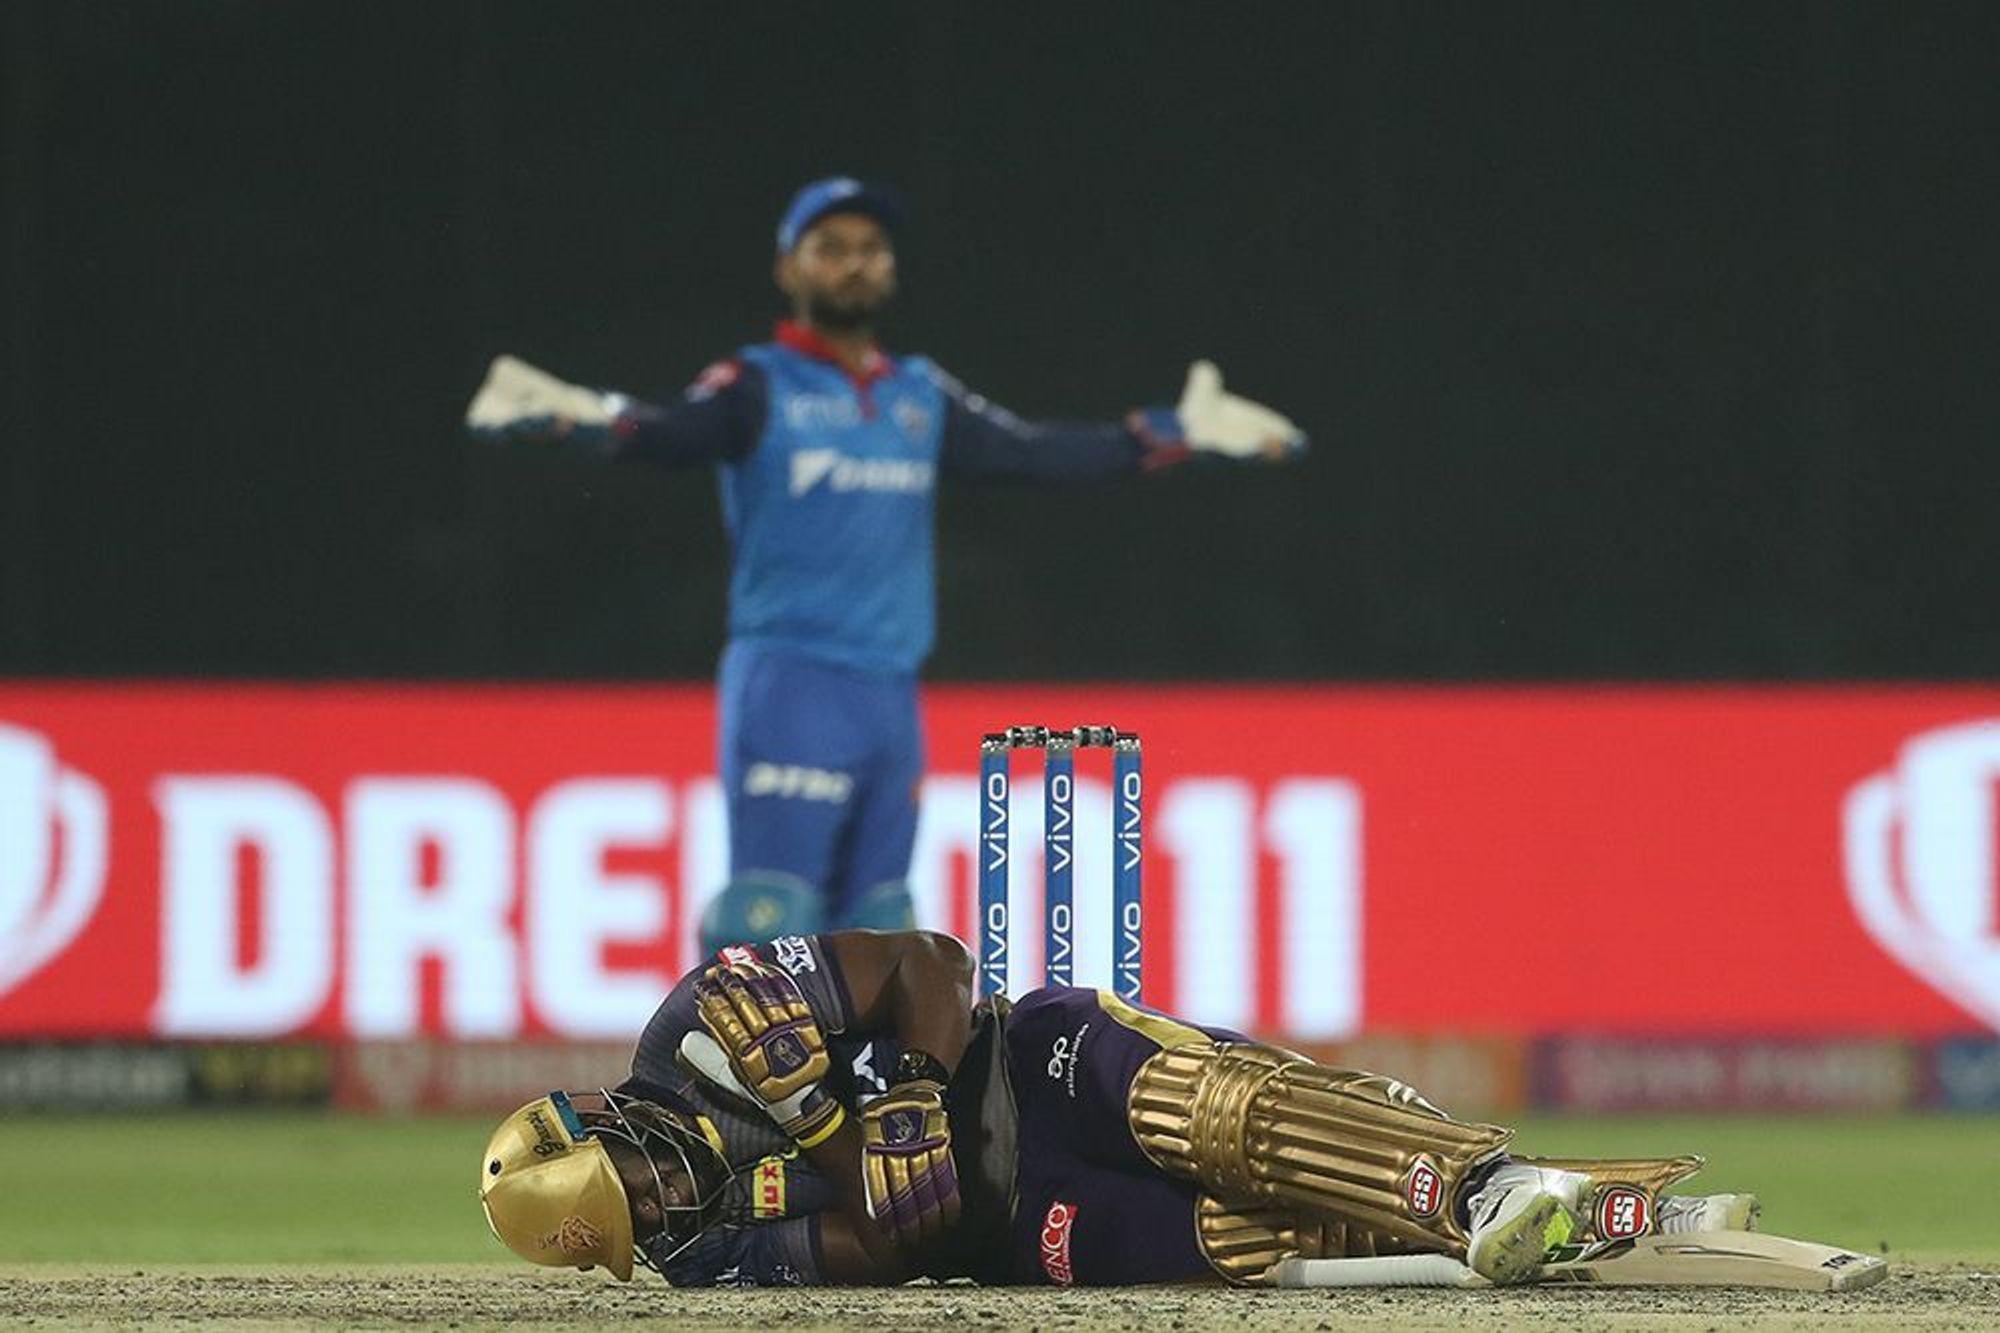 WATCH : दिल्ली कैपिटल्स के खिलाफ हार के साथ ही कोलकाता नाईट राइडर्स को लगा बड़ा झटका, पुरे आईपीएल से बाहर हो सकता है यह दिग्गज 56